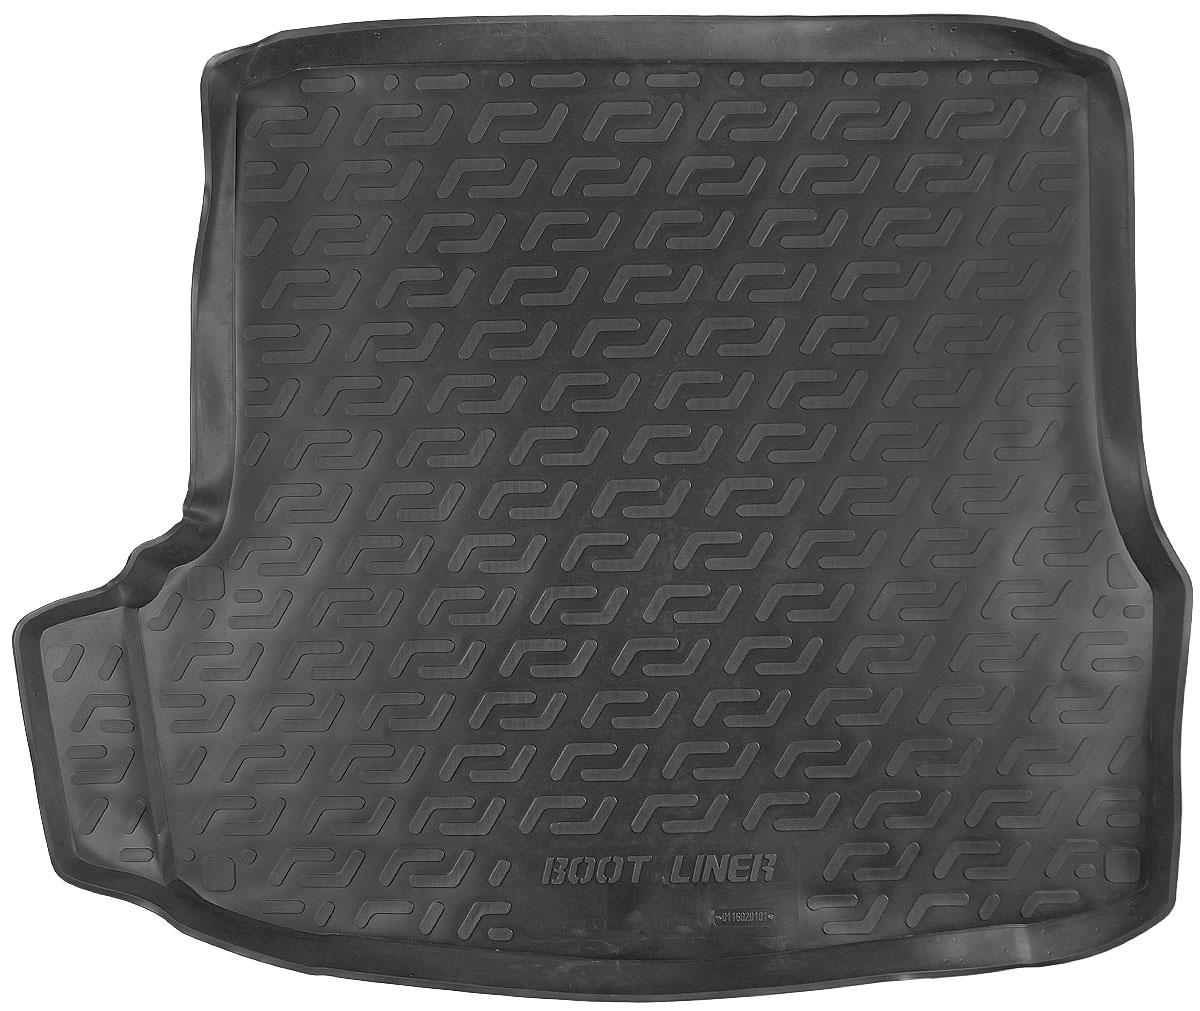 Коврик в багажник L.Locker, для Skoda Octavia (05-)21395599Коврик L.Locker производится индивидуально для каждой модели автомобиля из современного и экологически чистого материала. Изделие точно повторяет геометрию пола автомобиля, имеет высокий борт, обладает повышенной износоустойчивостью, антискользящими свойствами, лишен резкого запаха и сохраняет свои потребительские свойства в широком диапазоне температур (от -50°С до +80°С).